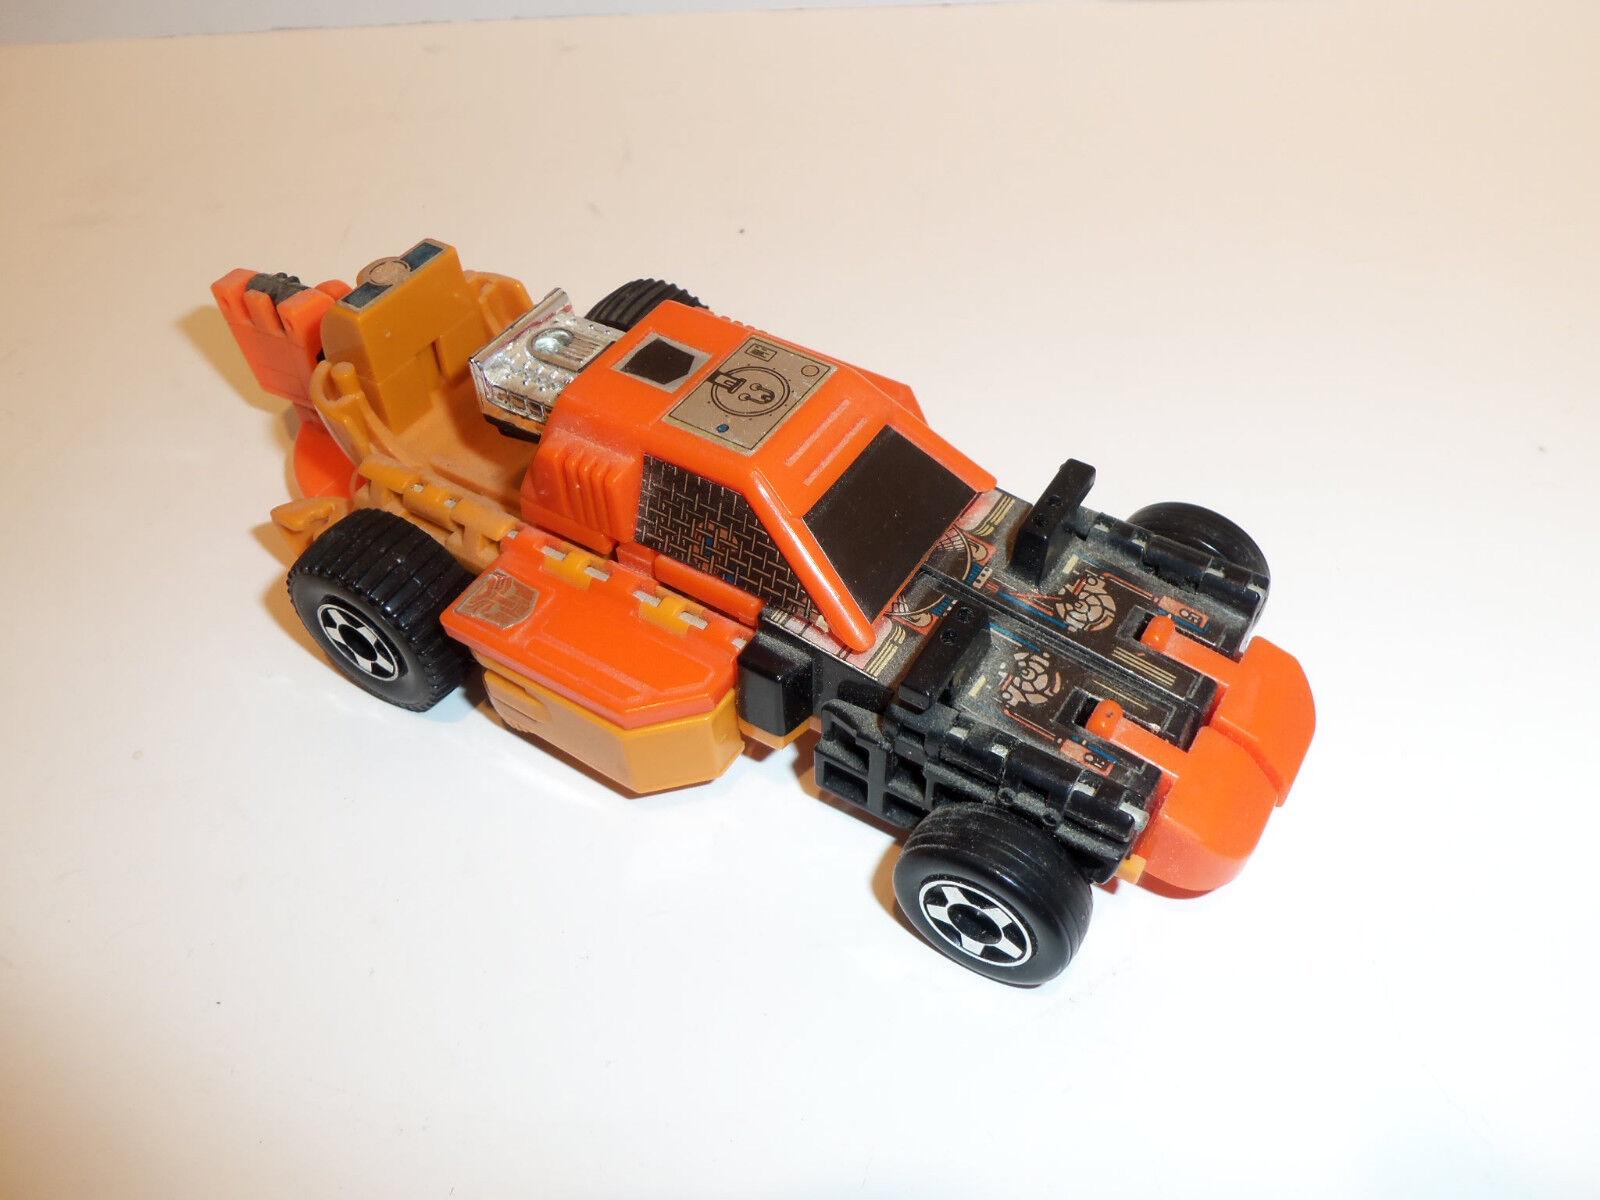 Vintage 1986 Hasbro G1 Transformers Standstorm Triplechanger 99%  Complet Ample  articles de nouveauté